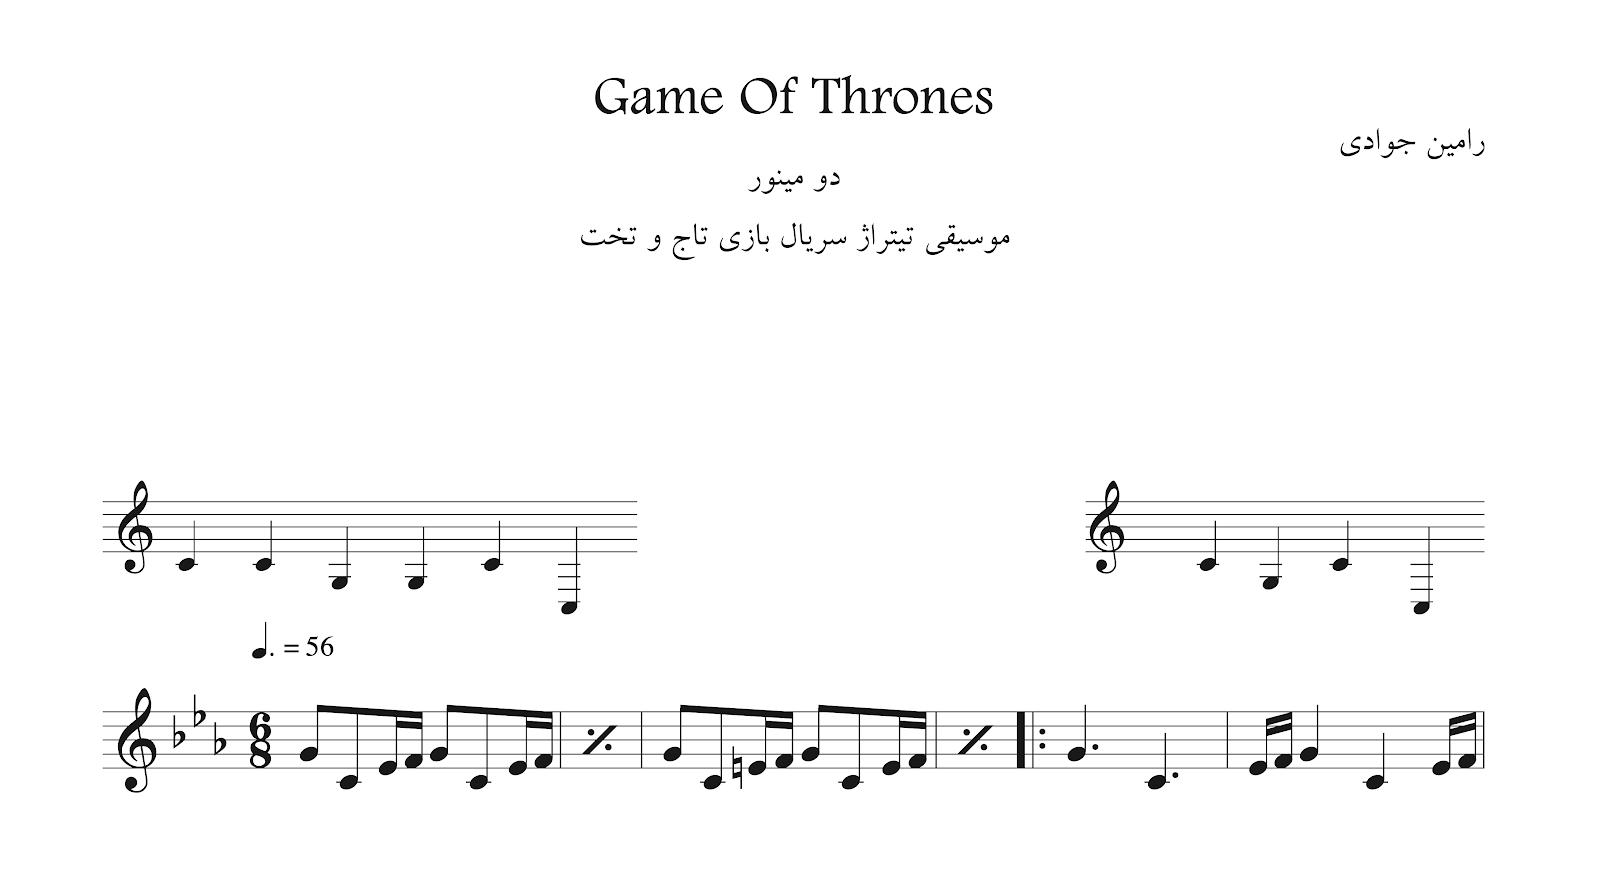 نت بازی تاج و تخت Game Of Therones رامین جوادی